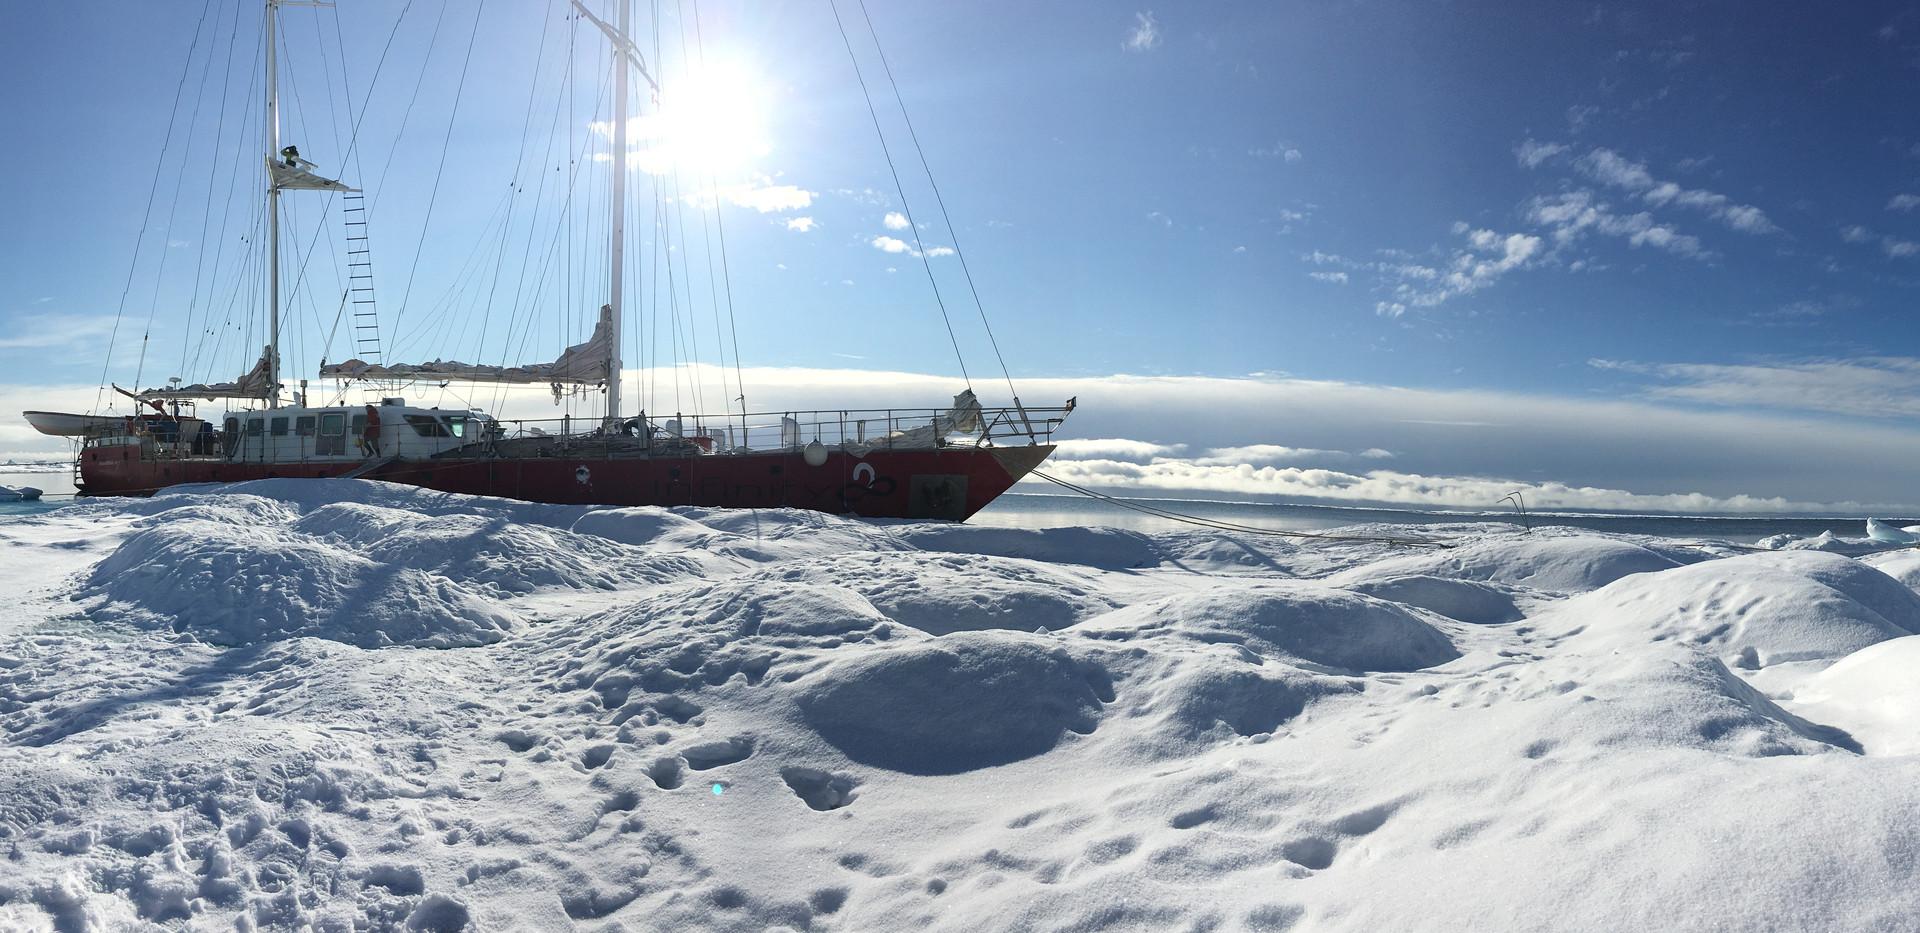 Docking to the ice. Photo: Manuela Legoretta